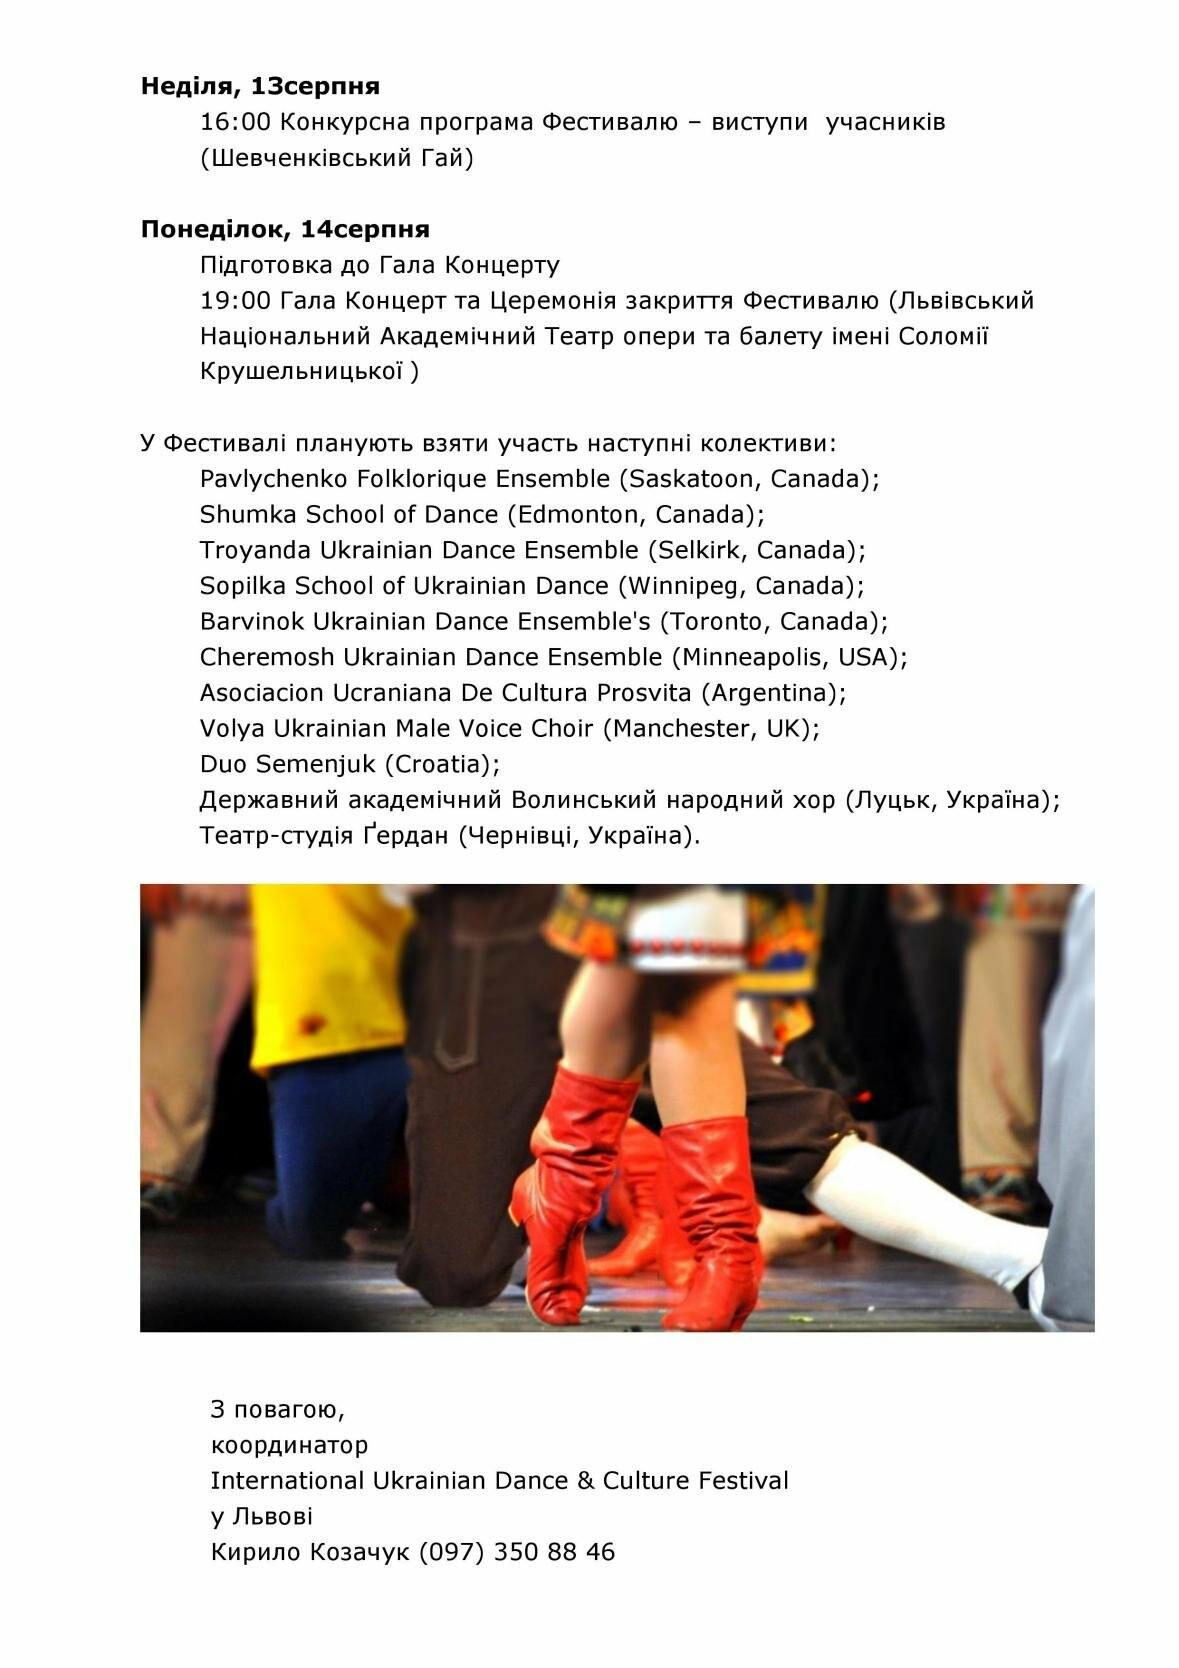 Як у Львові відкрили Міжнародний фестиваль українського танцю та культури: фоторепортаж, фото-13